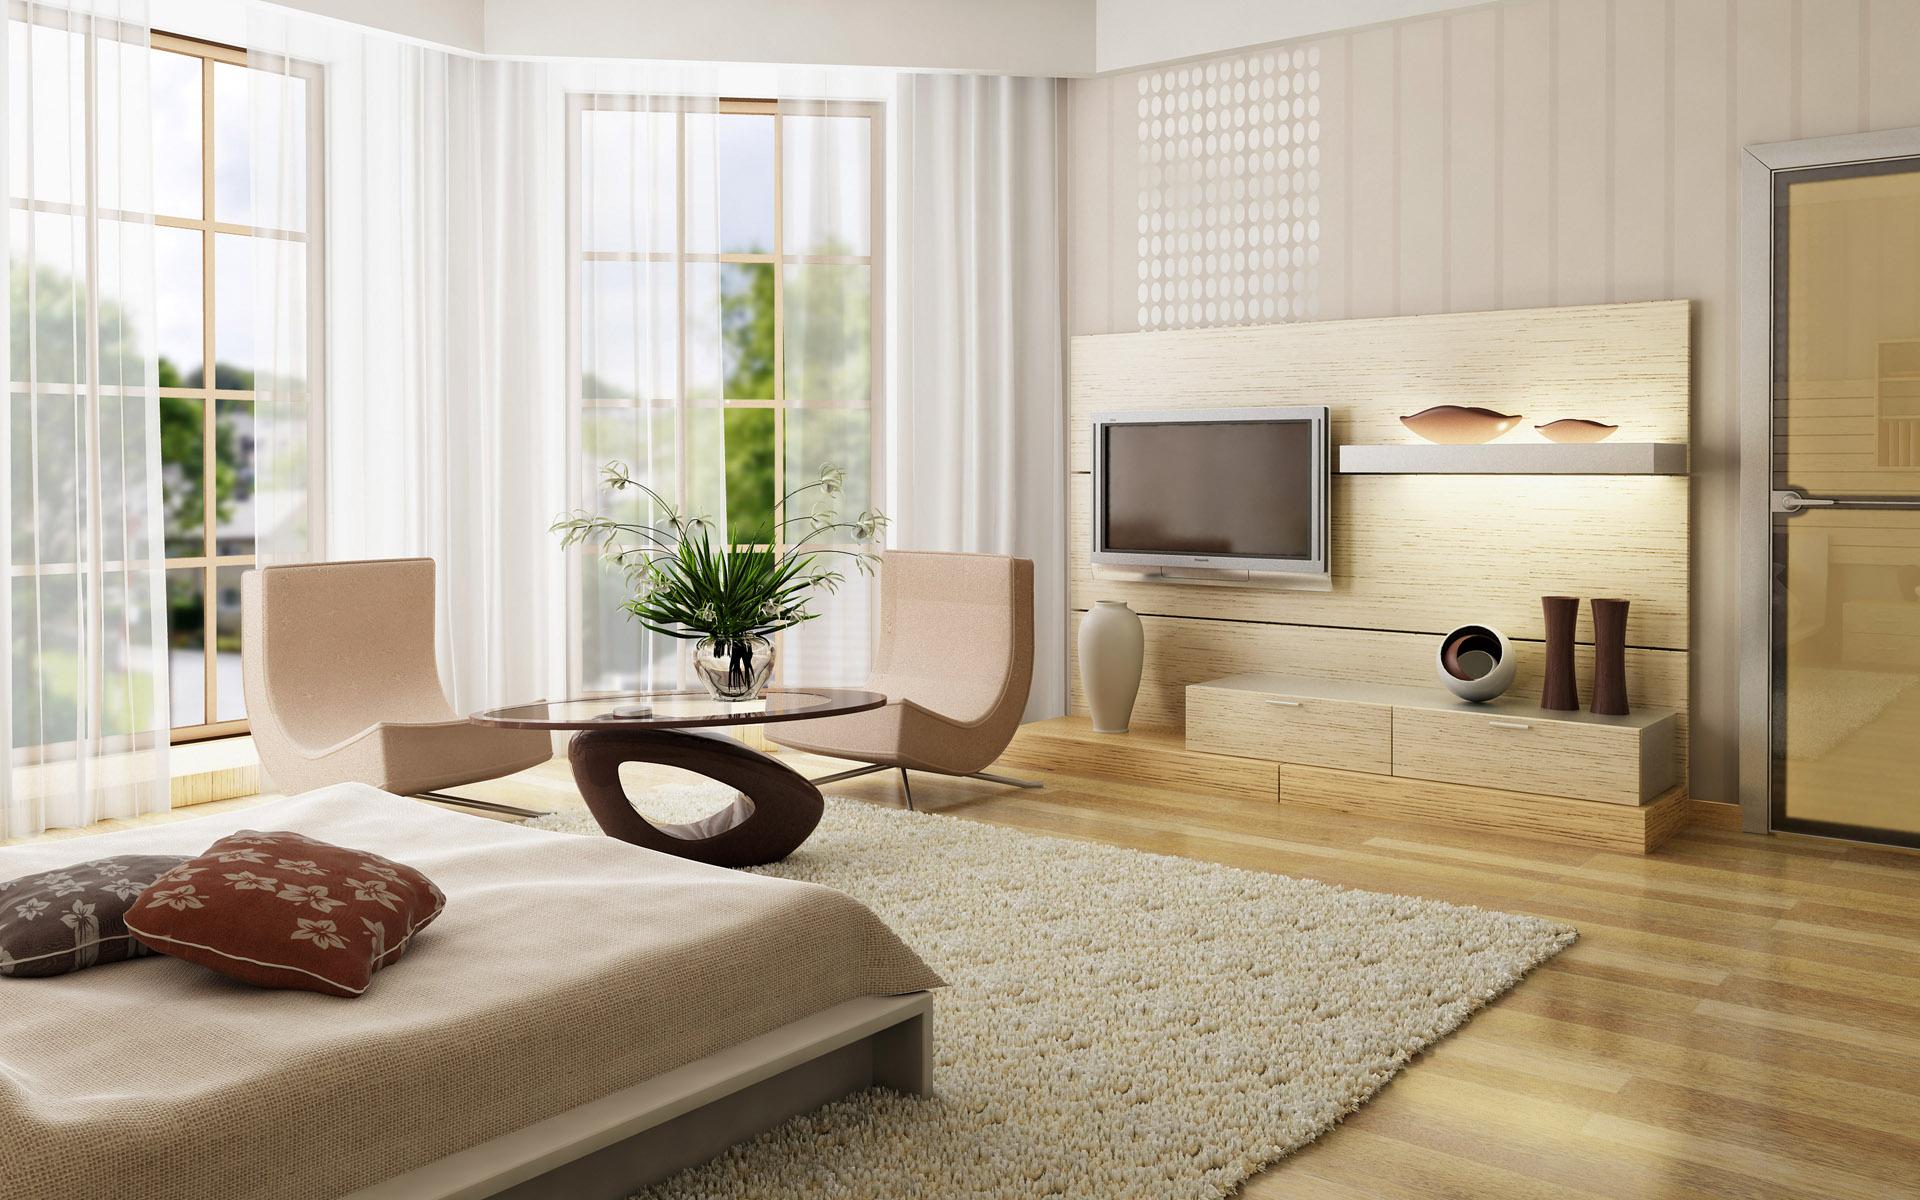 Фото квартирный интерьер